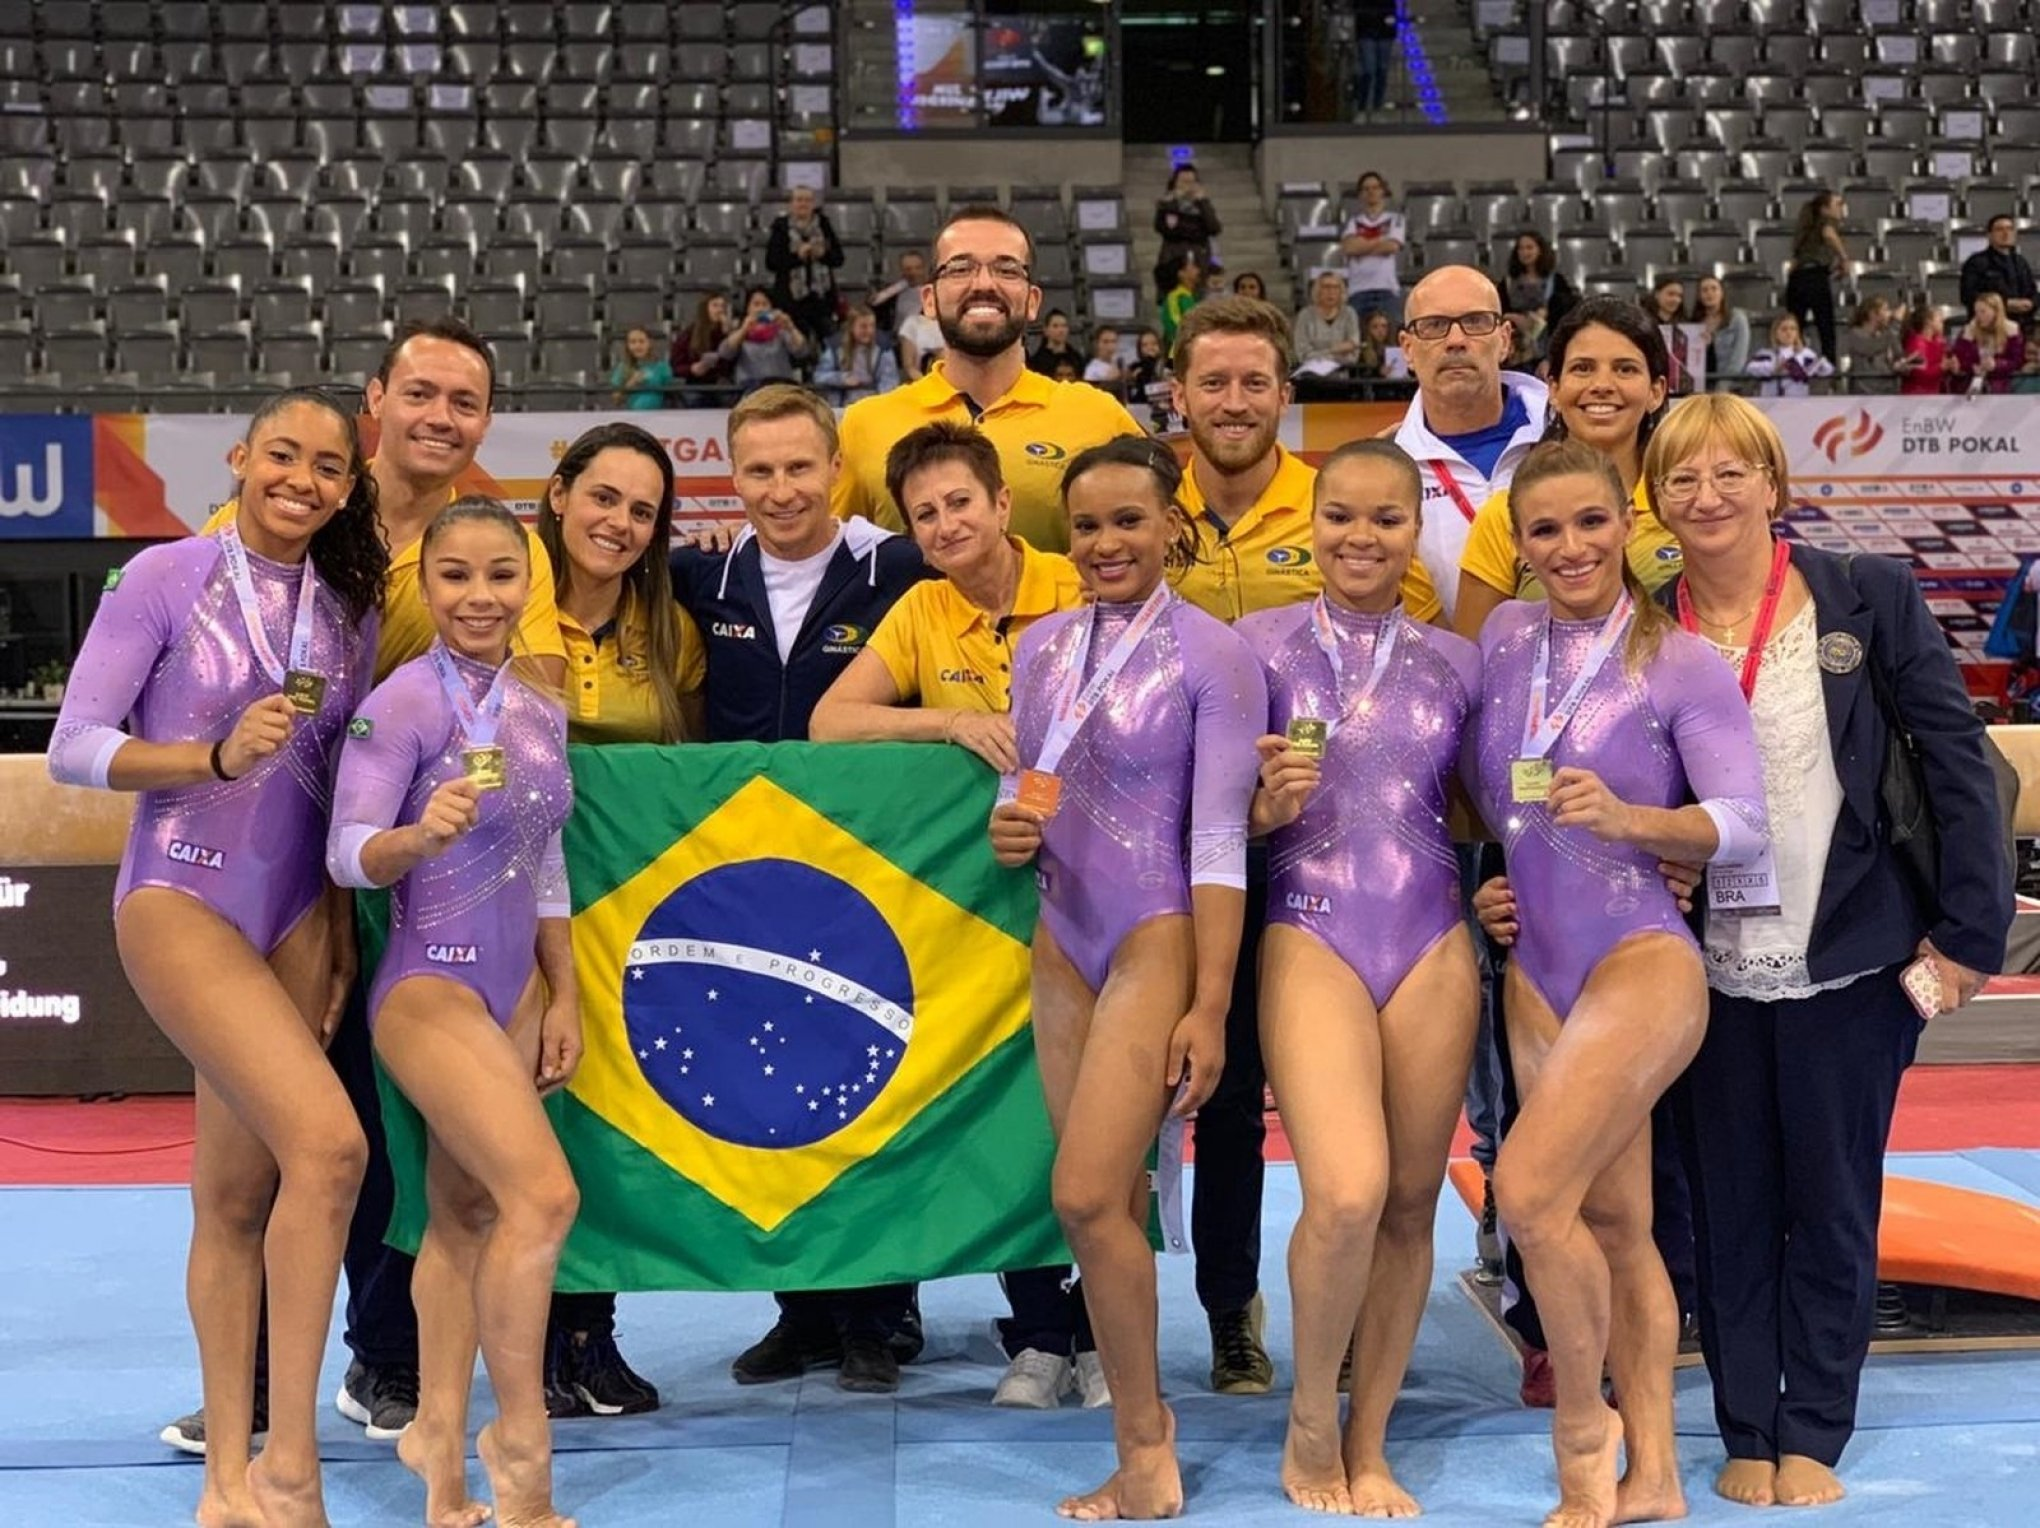 Resultado de imagem para seleção feminina triunfou na disputa por equipes no DTB Pokal Team,